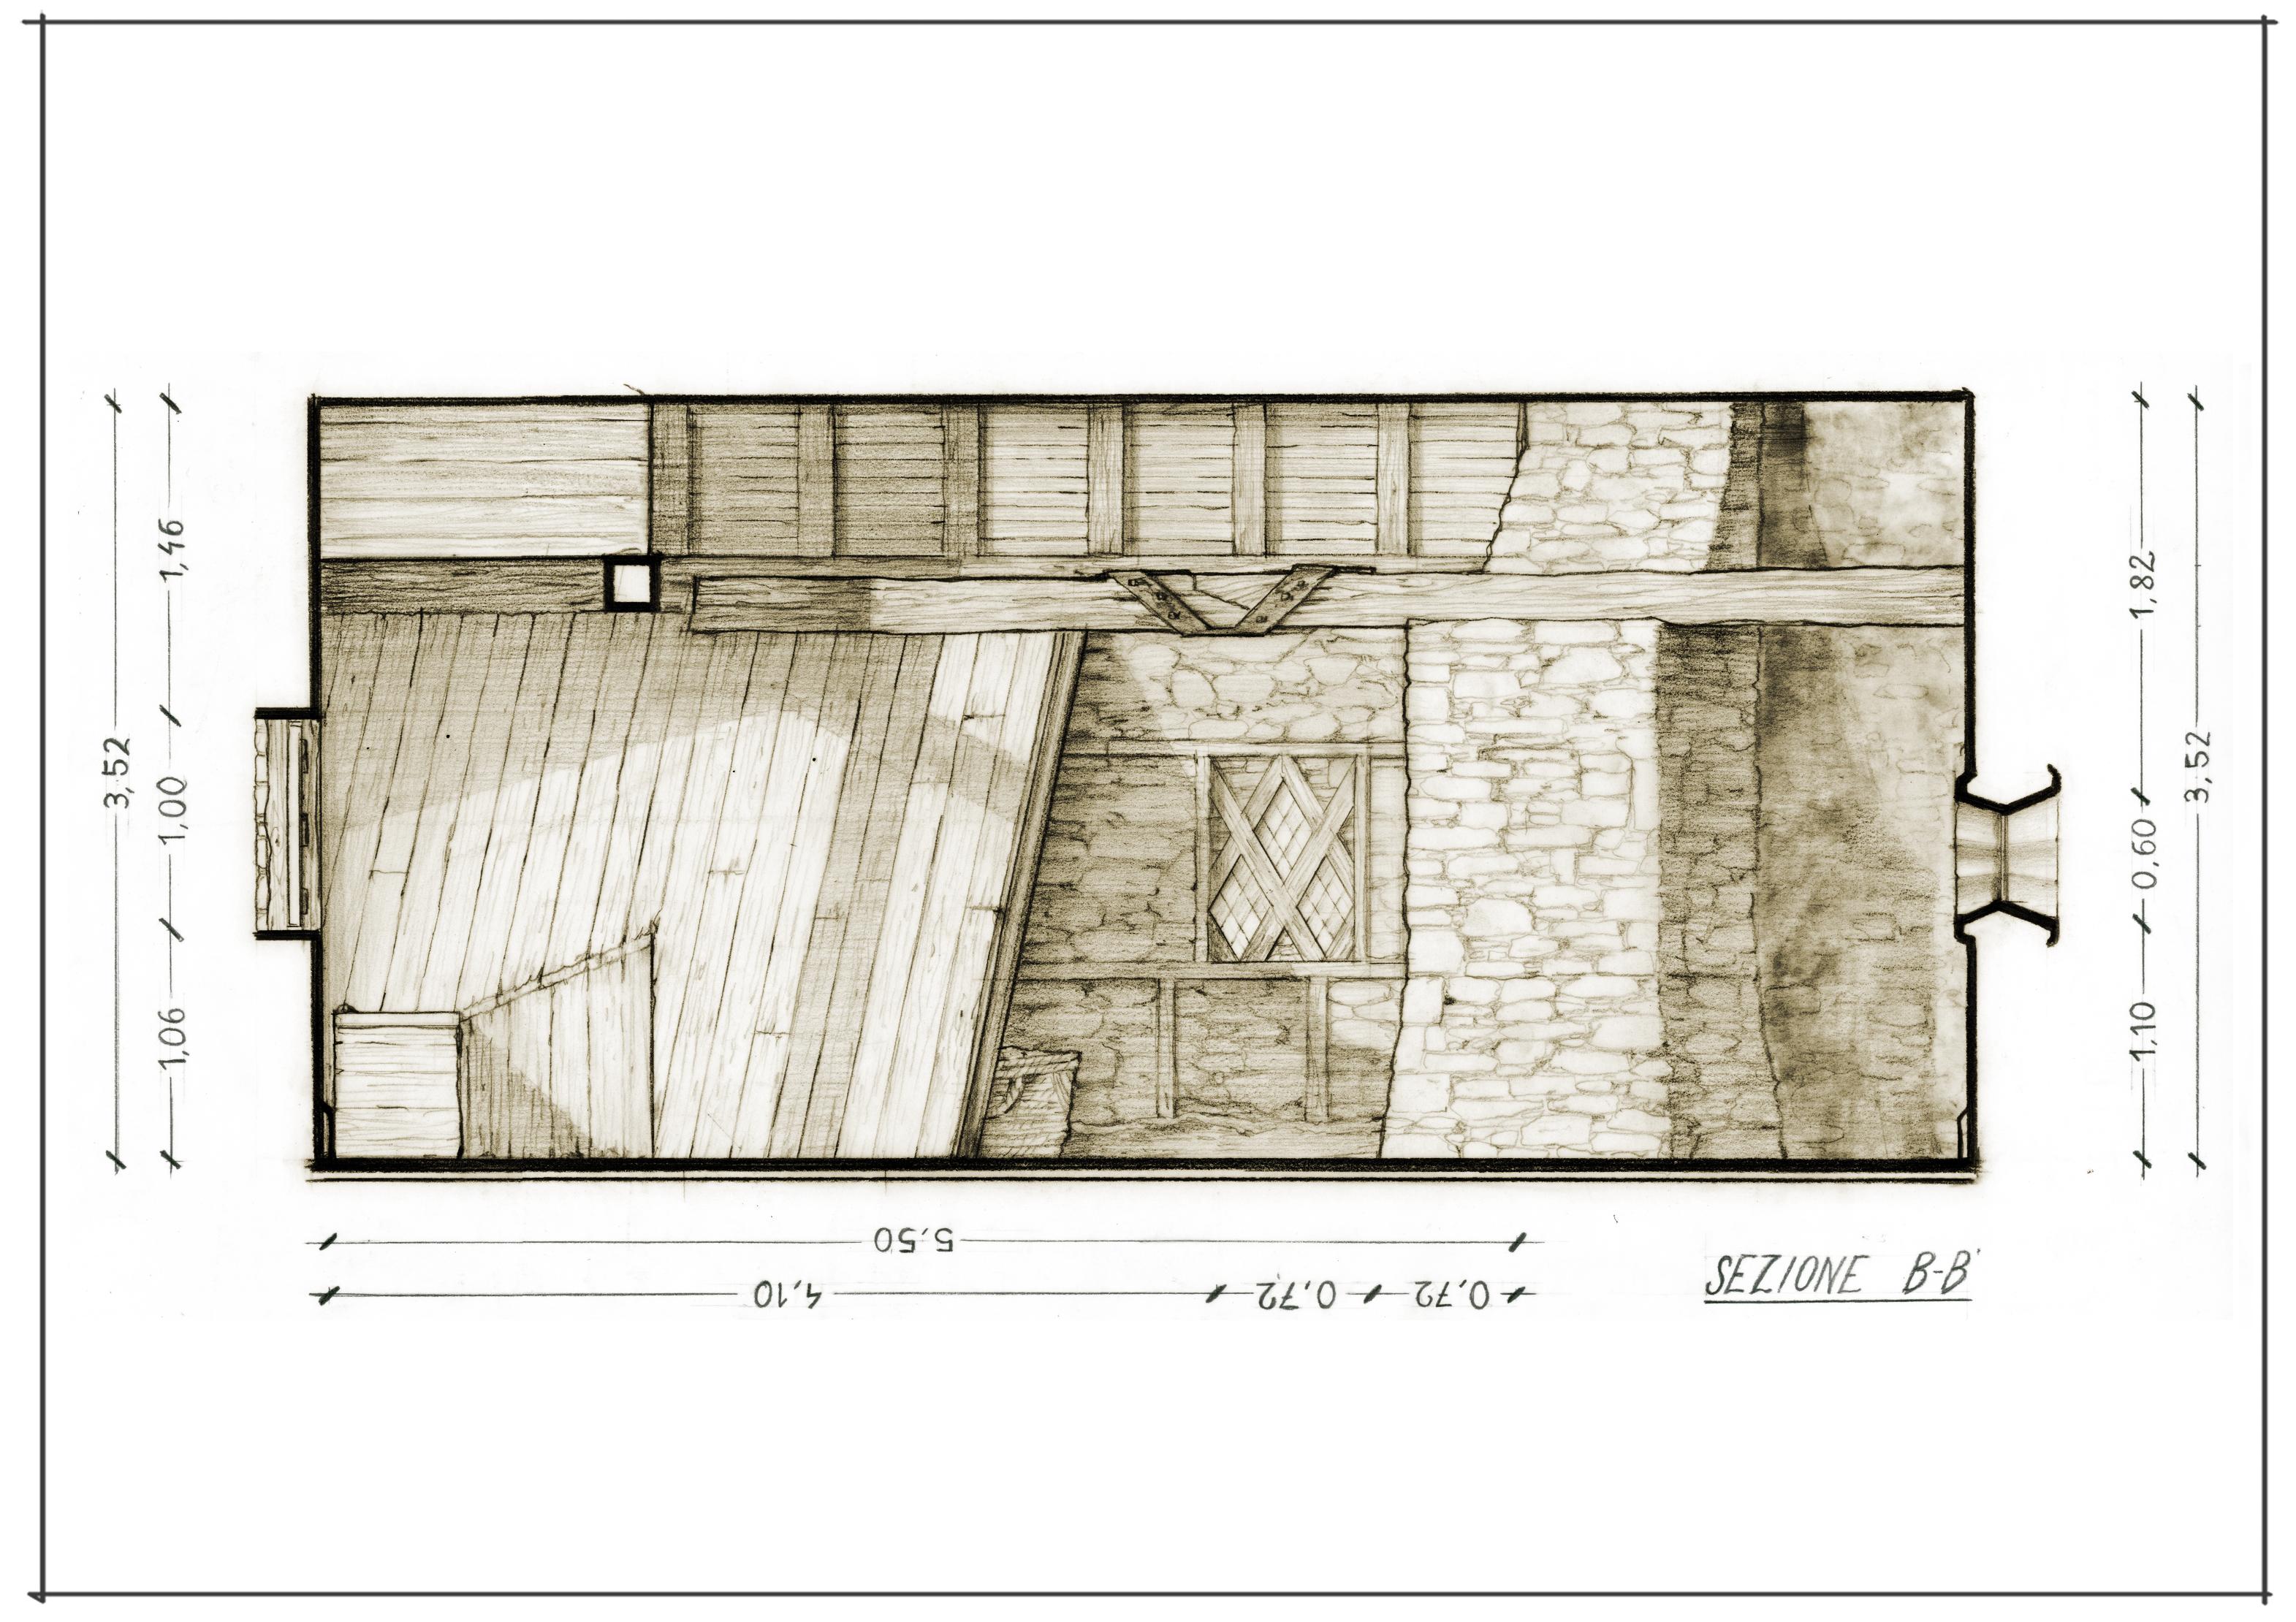 40 Casa Comare interno A3 Sezione B